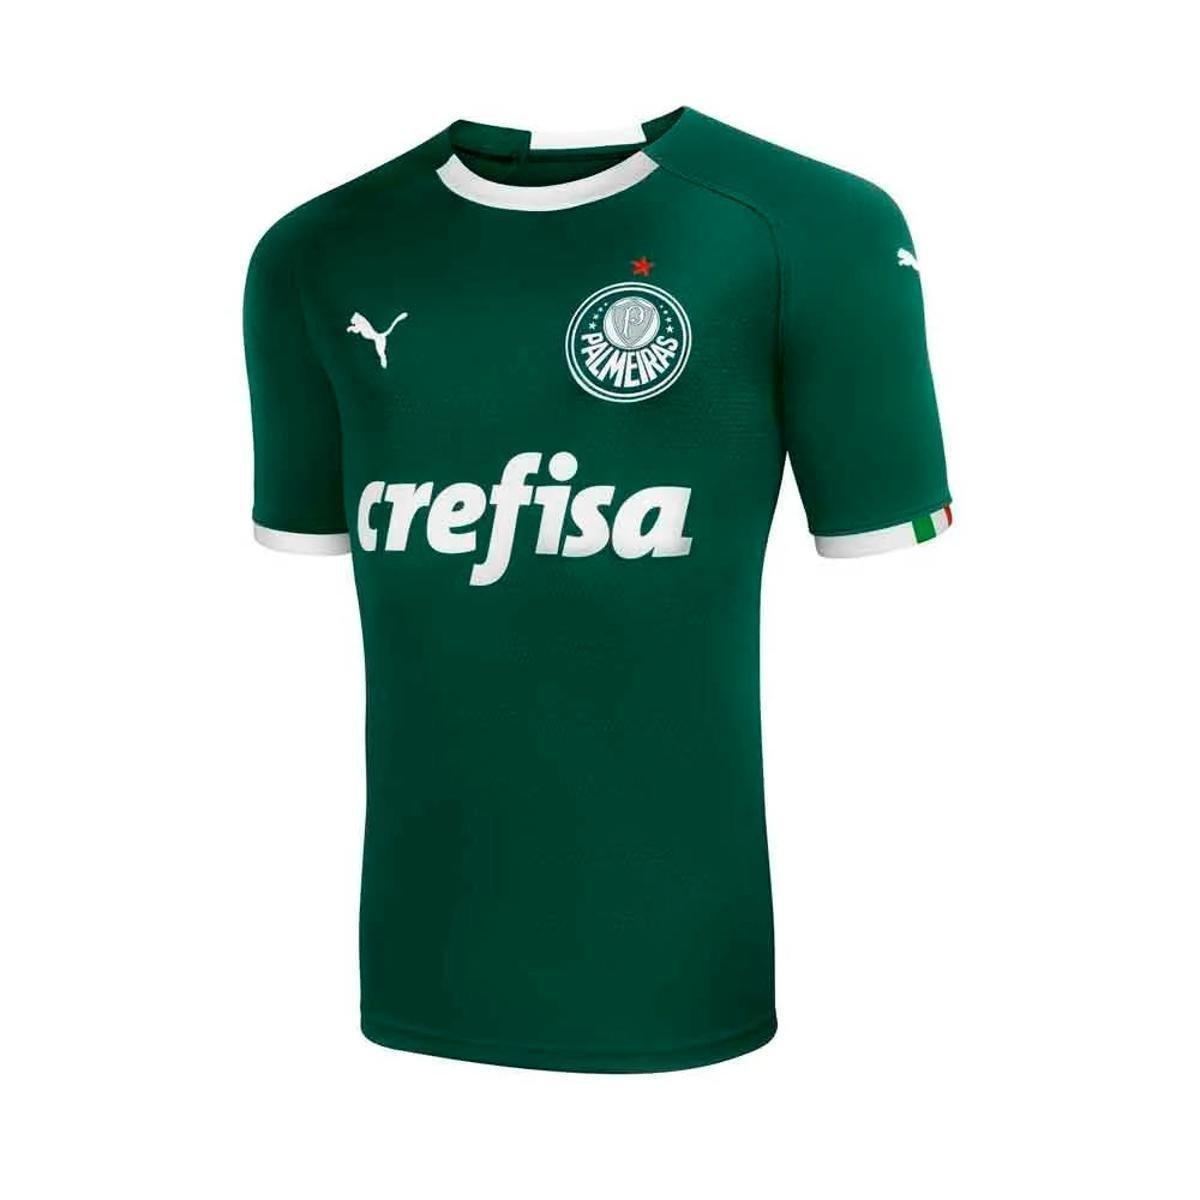 d02ba710d1f8a Camisa Palmeiras I 19 20 s n° - Torcedor Puma Masculina - Verde - Compre  Agora